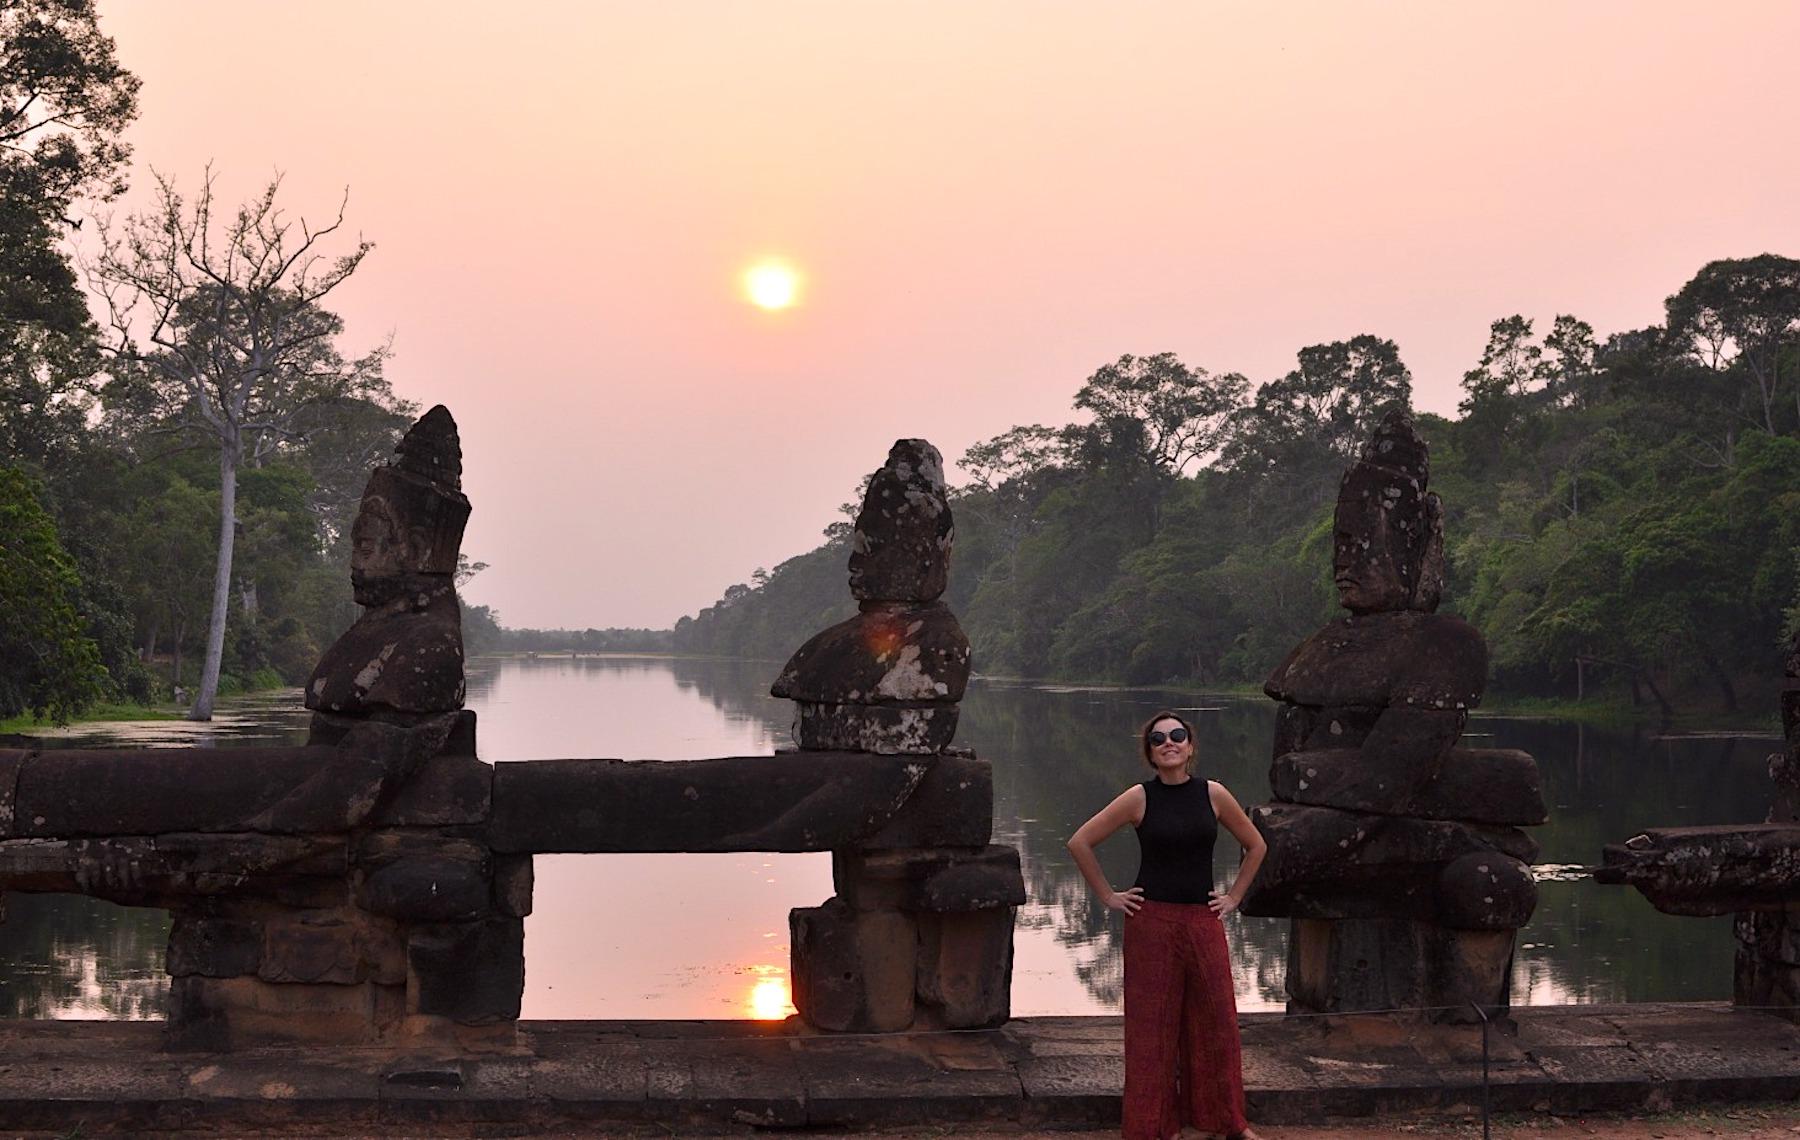 Ponte de Angkor Thom no pôr do sol. Foto: David Mattatia